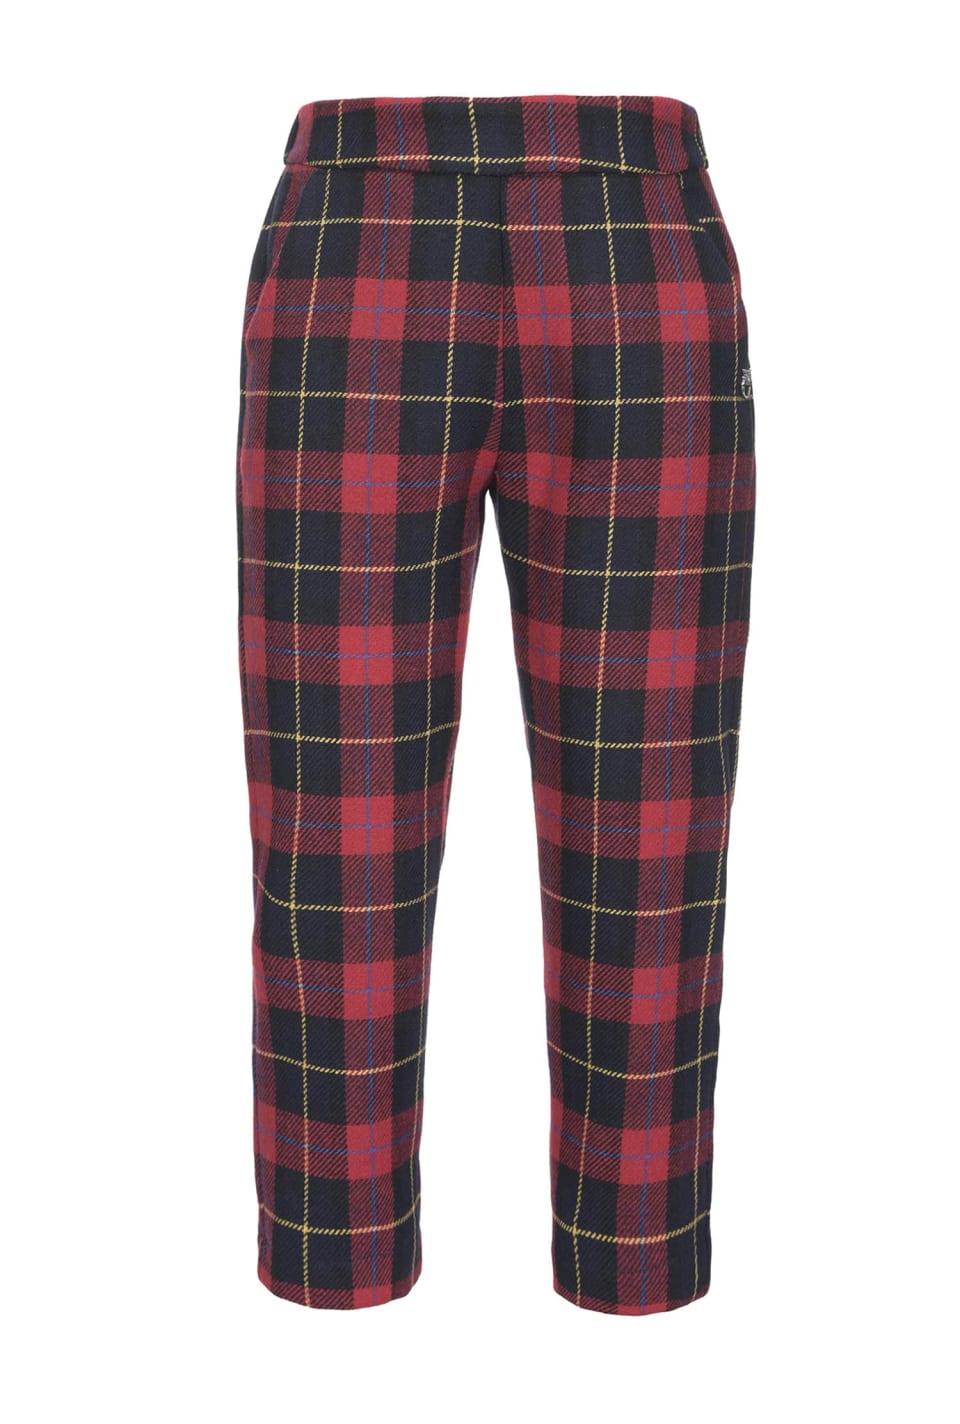 Tartan pattern trousers